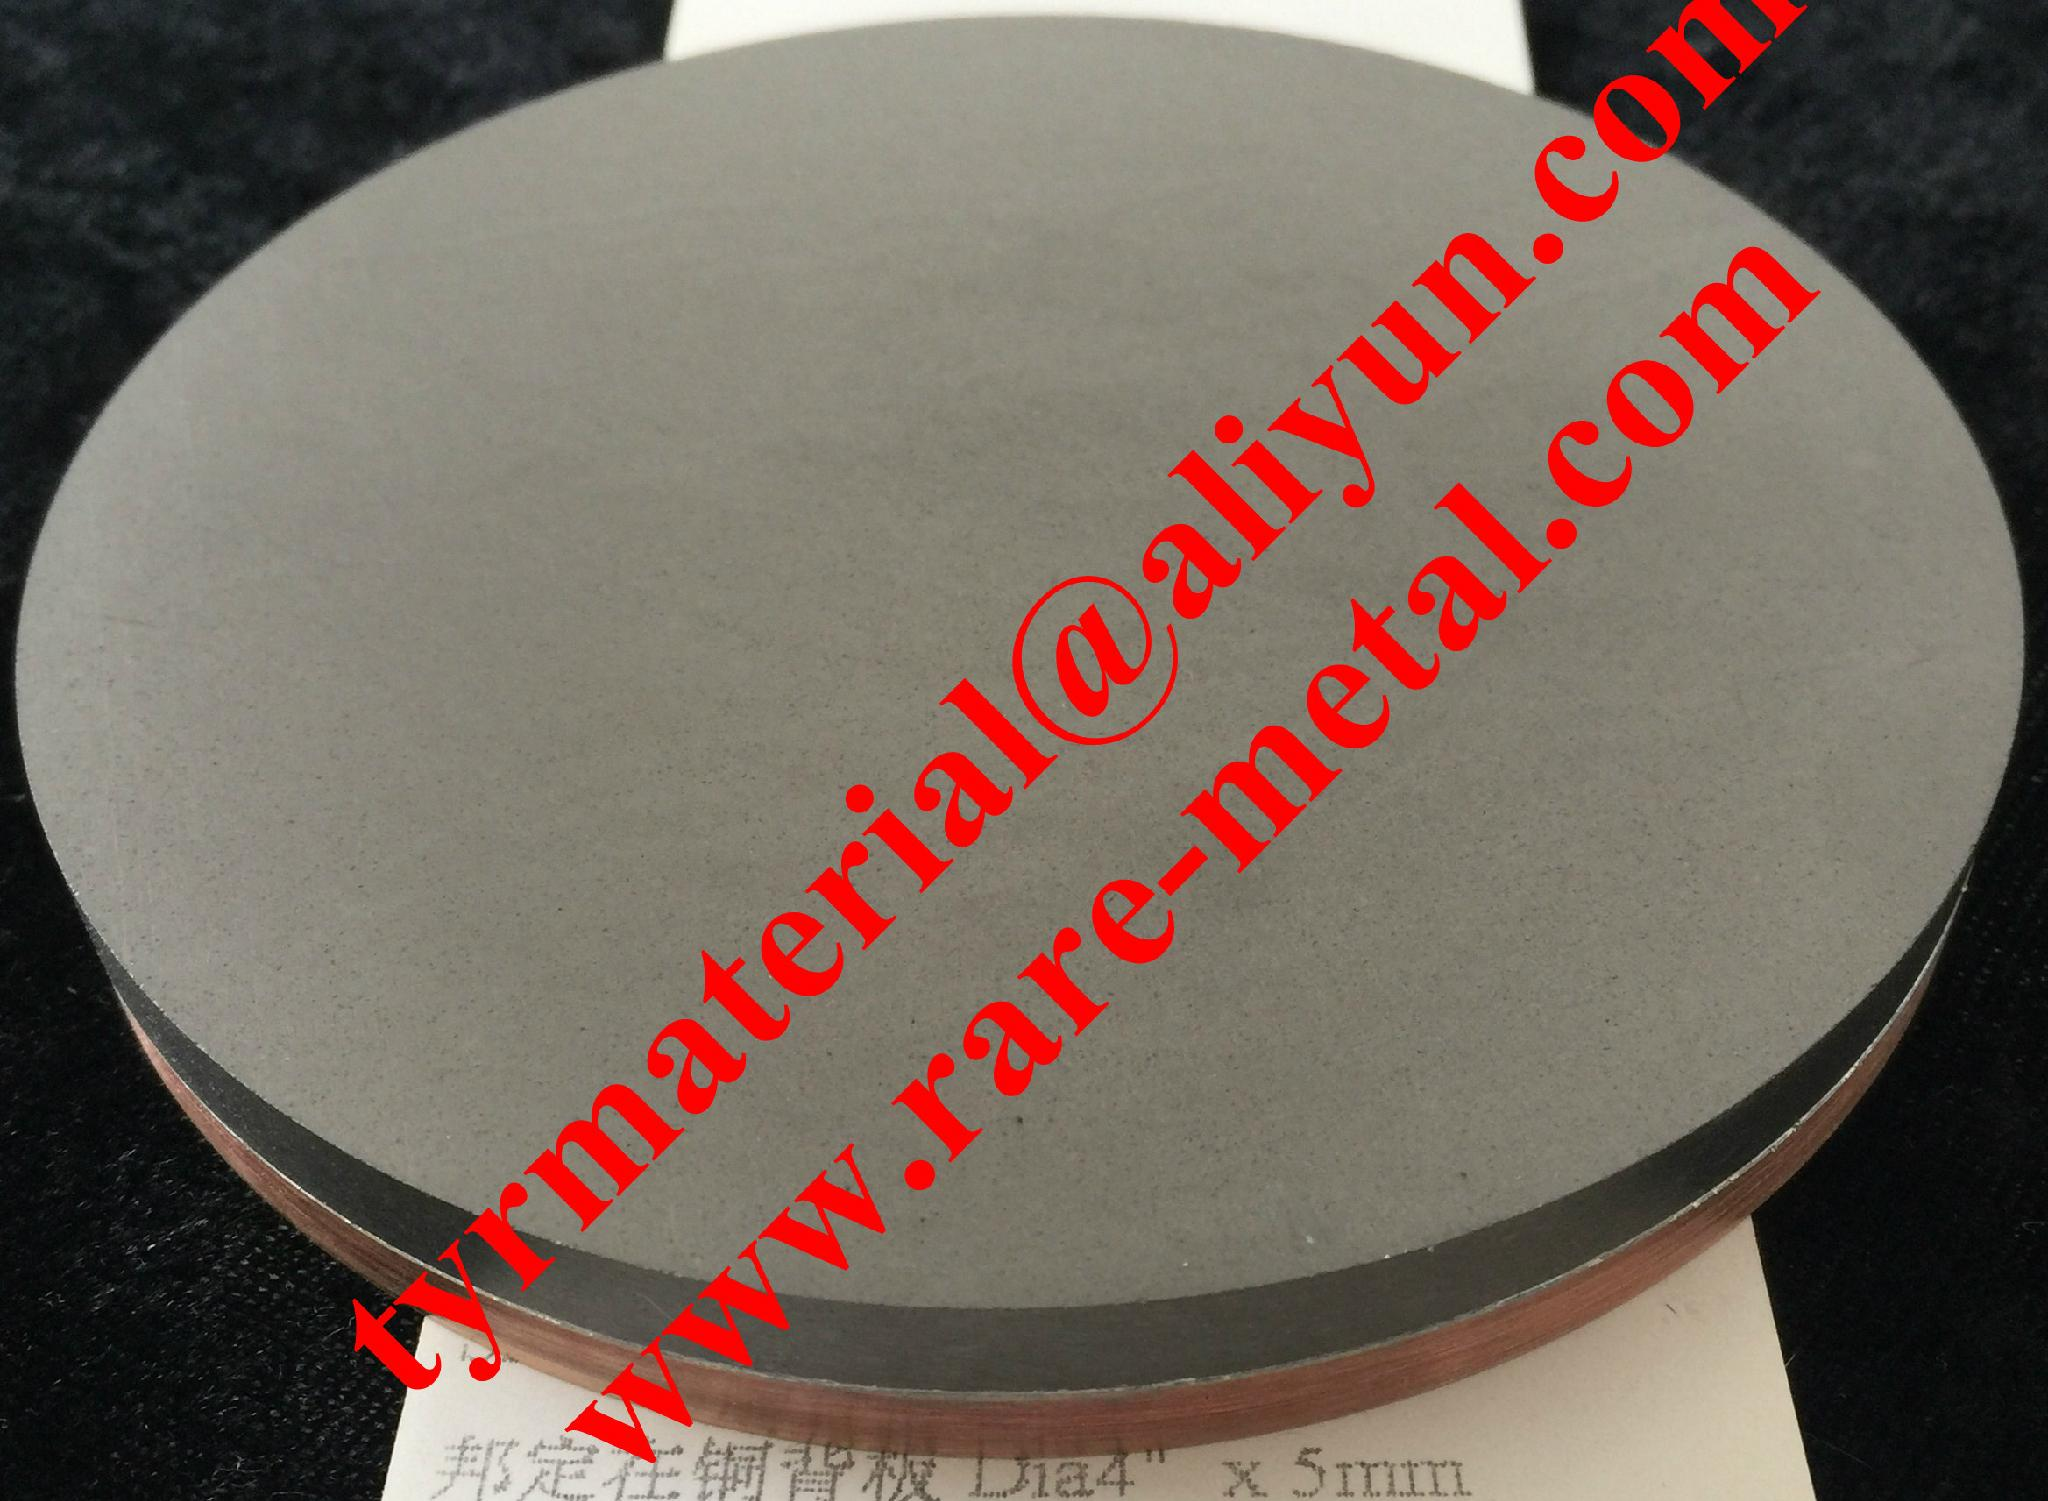 碳化鉭TaC粉,靶材 1